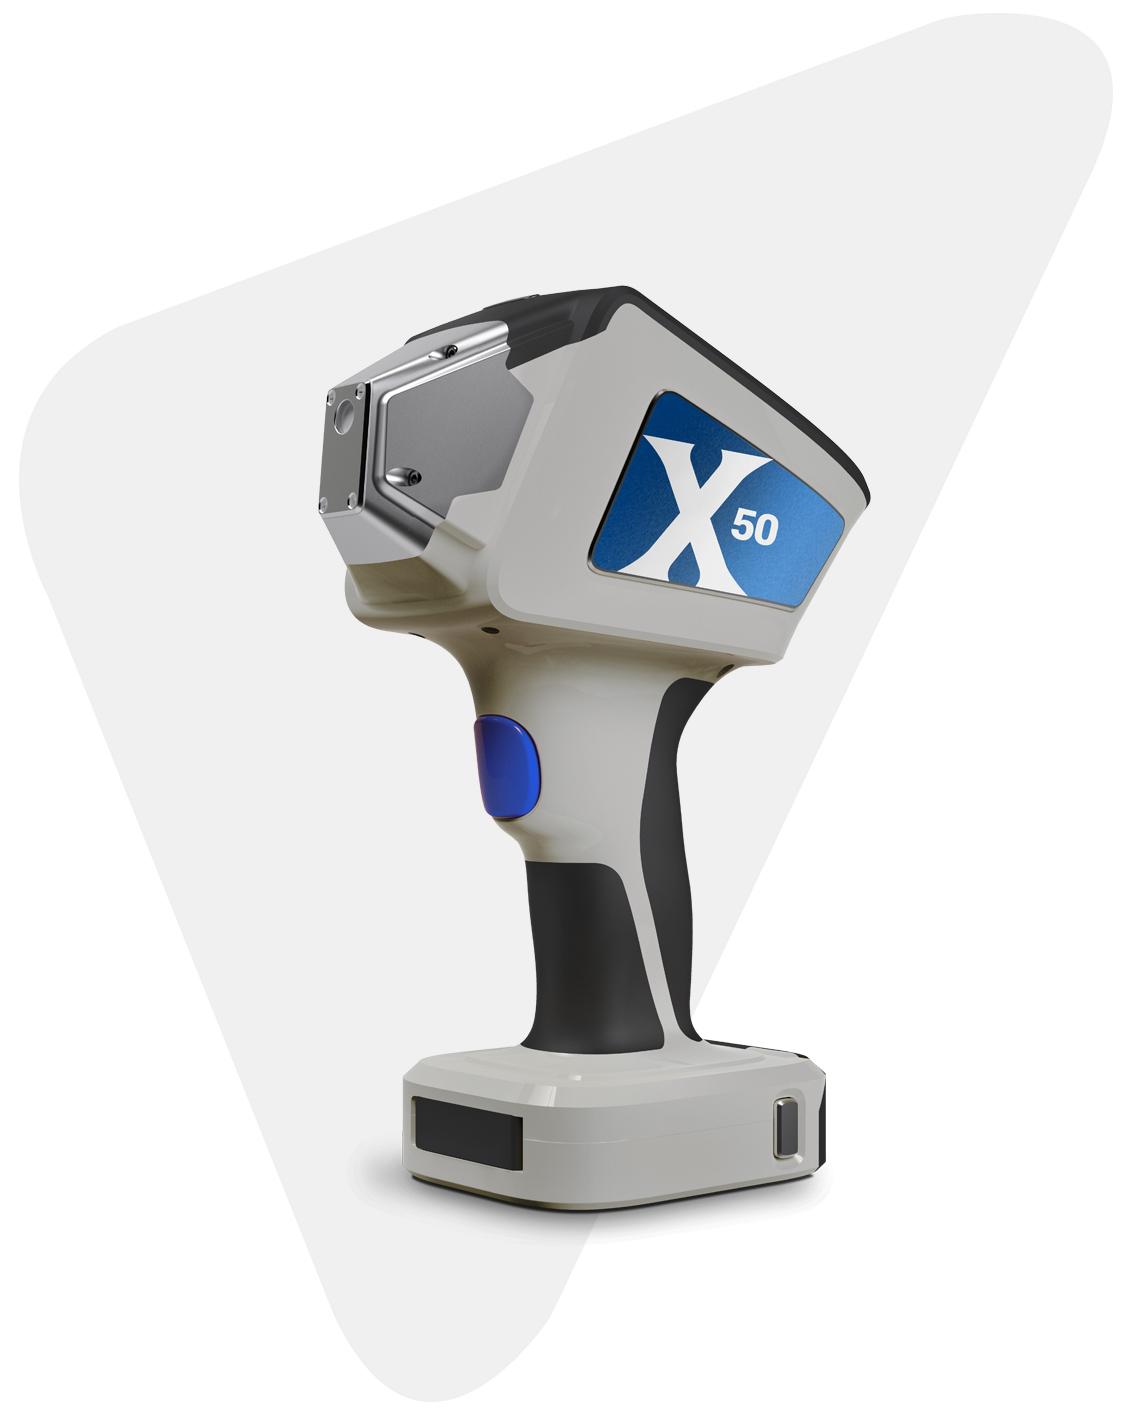 Рентгенофлуоресцентный анализатор SCIAPS X-50